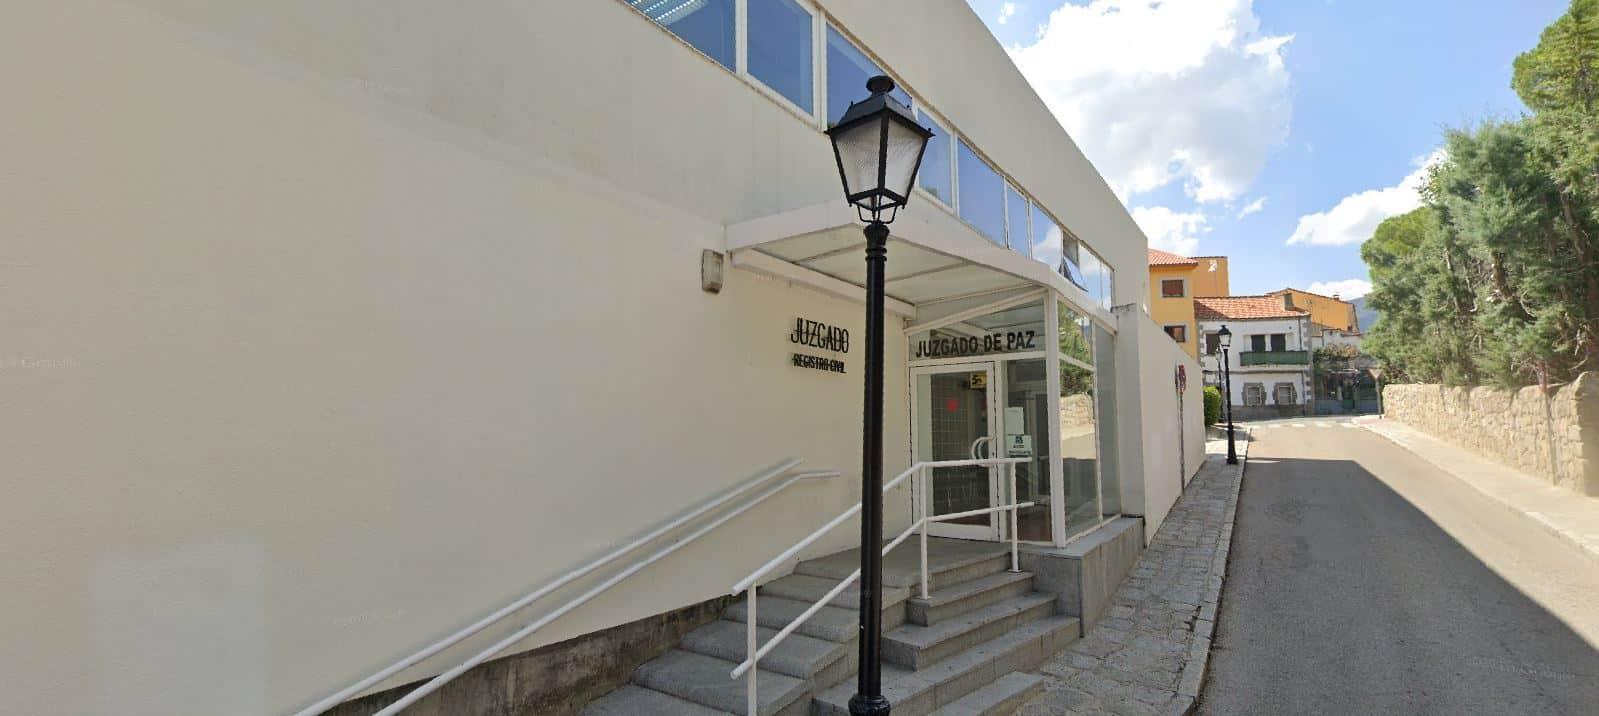 Registro civil - Juzgado de Paz El Escorial